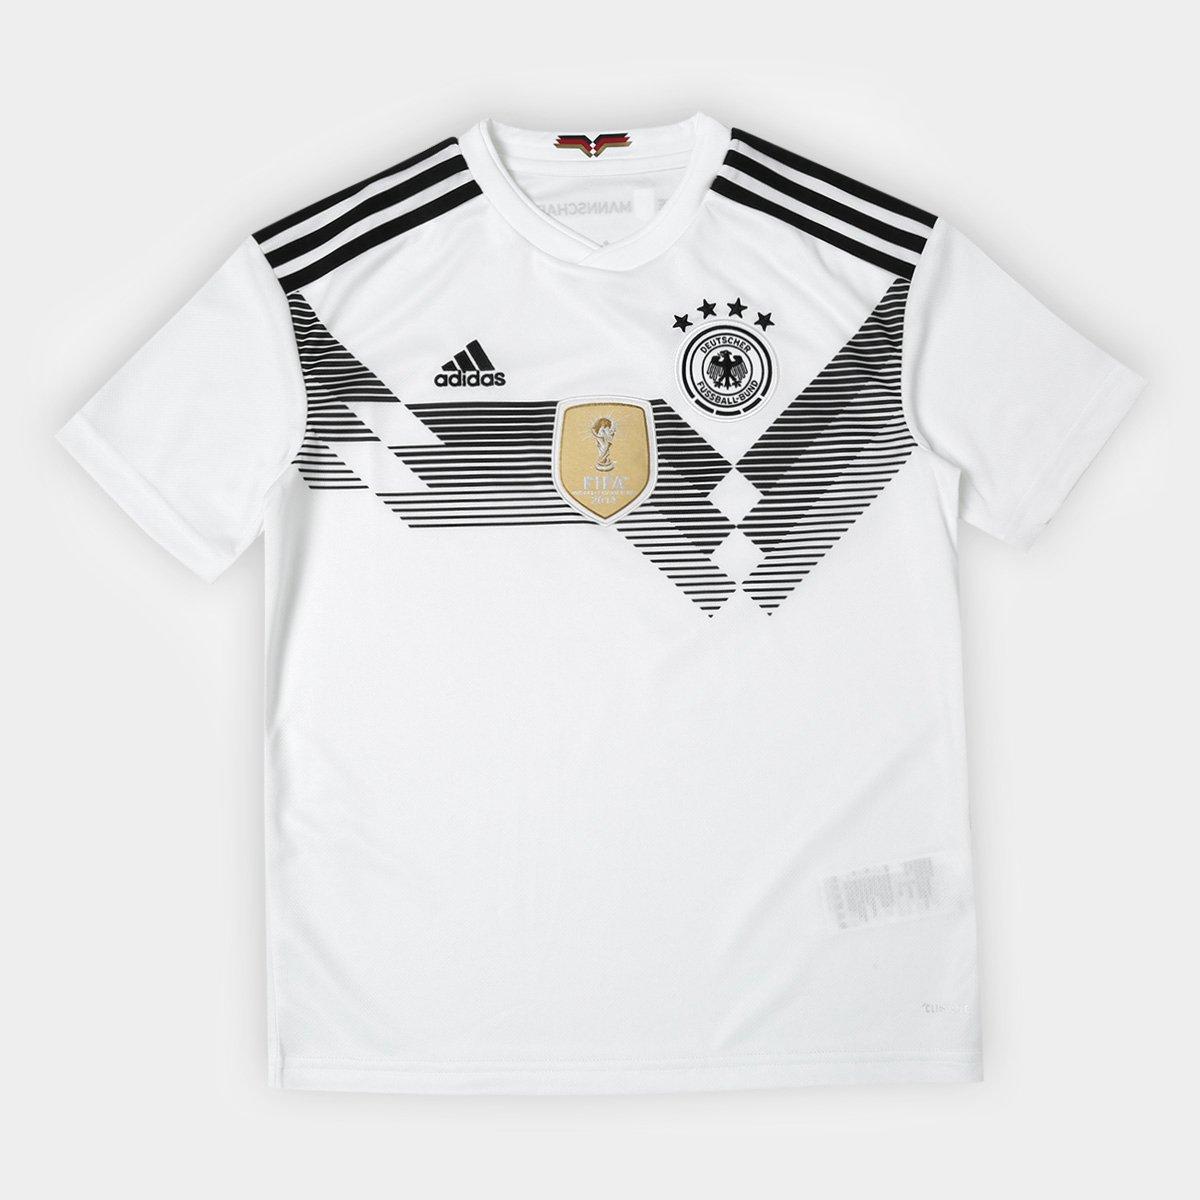 Alemanha Reus Seleção 11 Home Branco n° Camisa Infantil 2018 Adidas Torcedor EfqAH